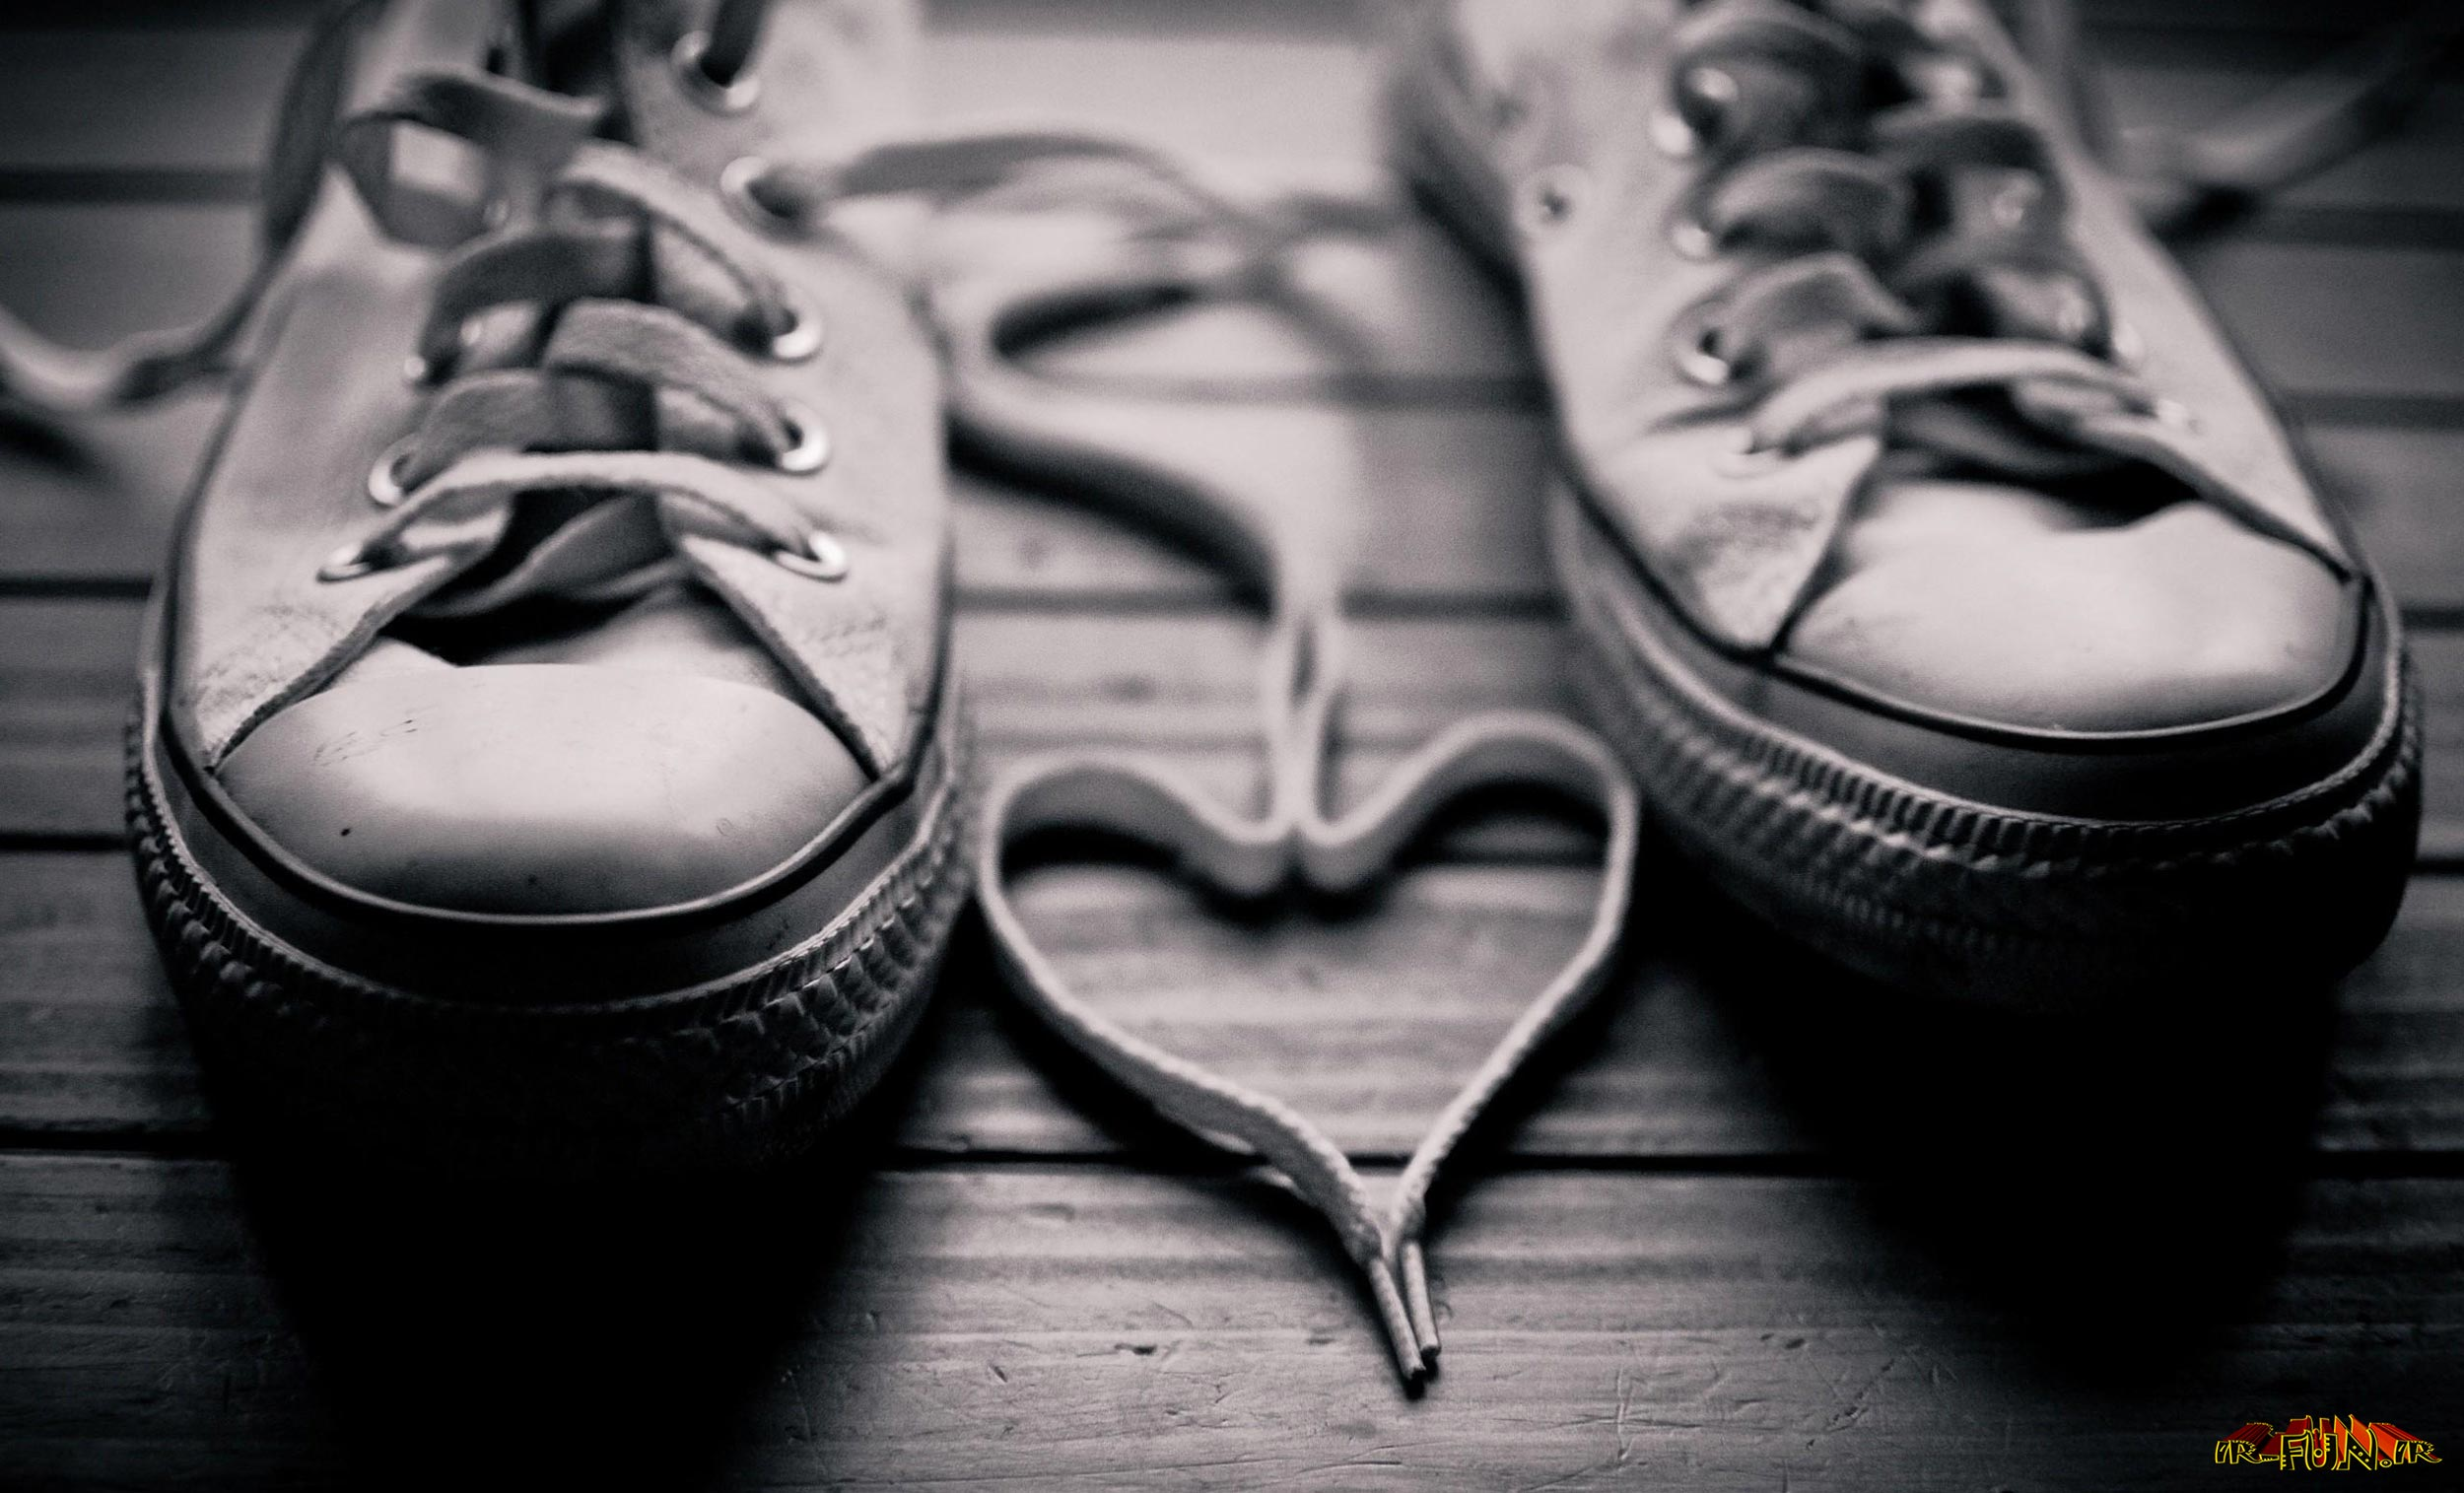 عکس های عاشقانه 2013 بسیار زیبا با موضوع قلب www.campfa.ir